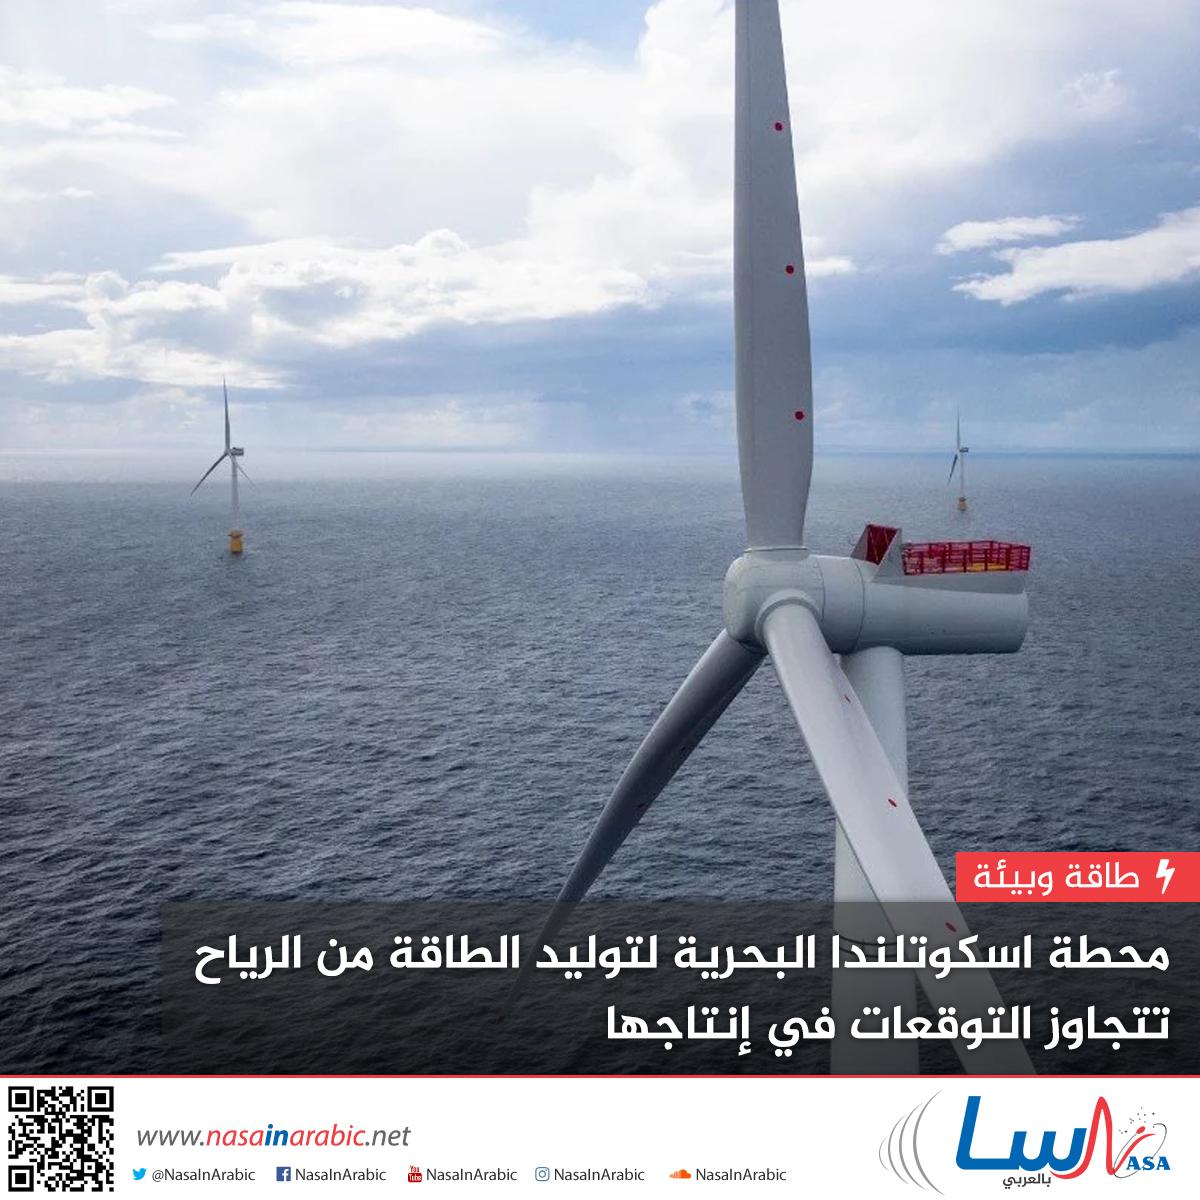 محطة اسكوتلندا البحرية لتوليد الطاقة من الرياح تتجاوز التوقعات في إنتاجها